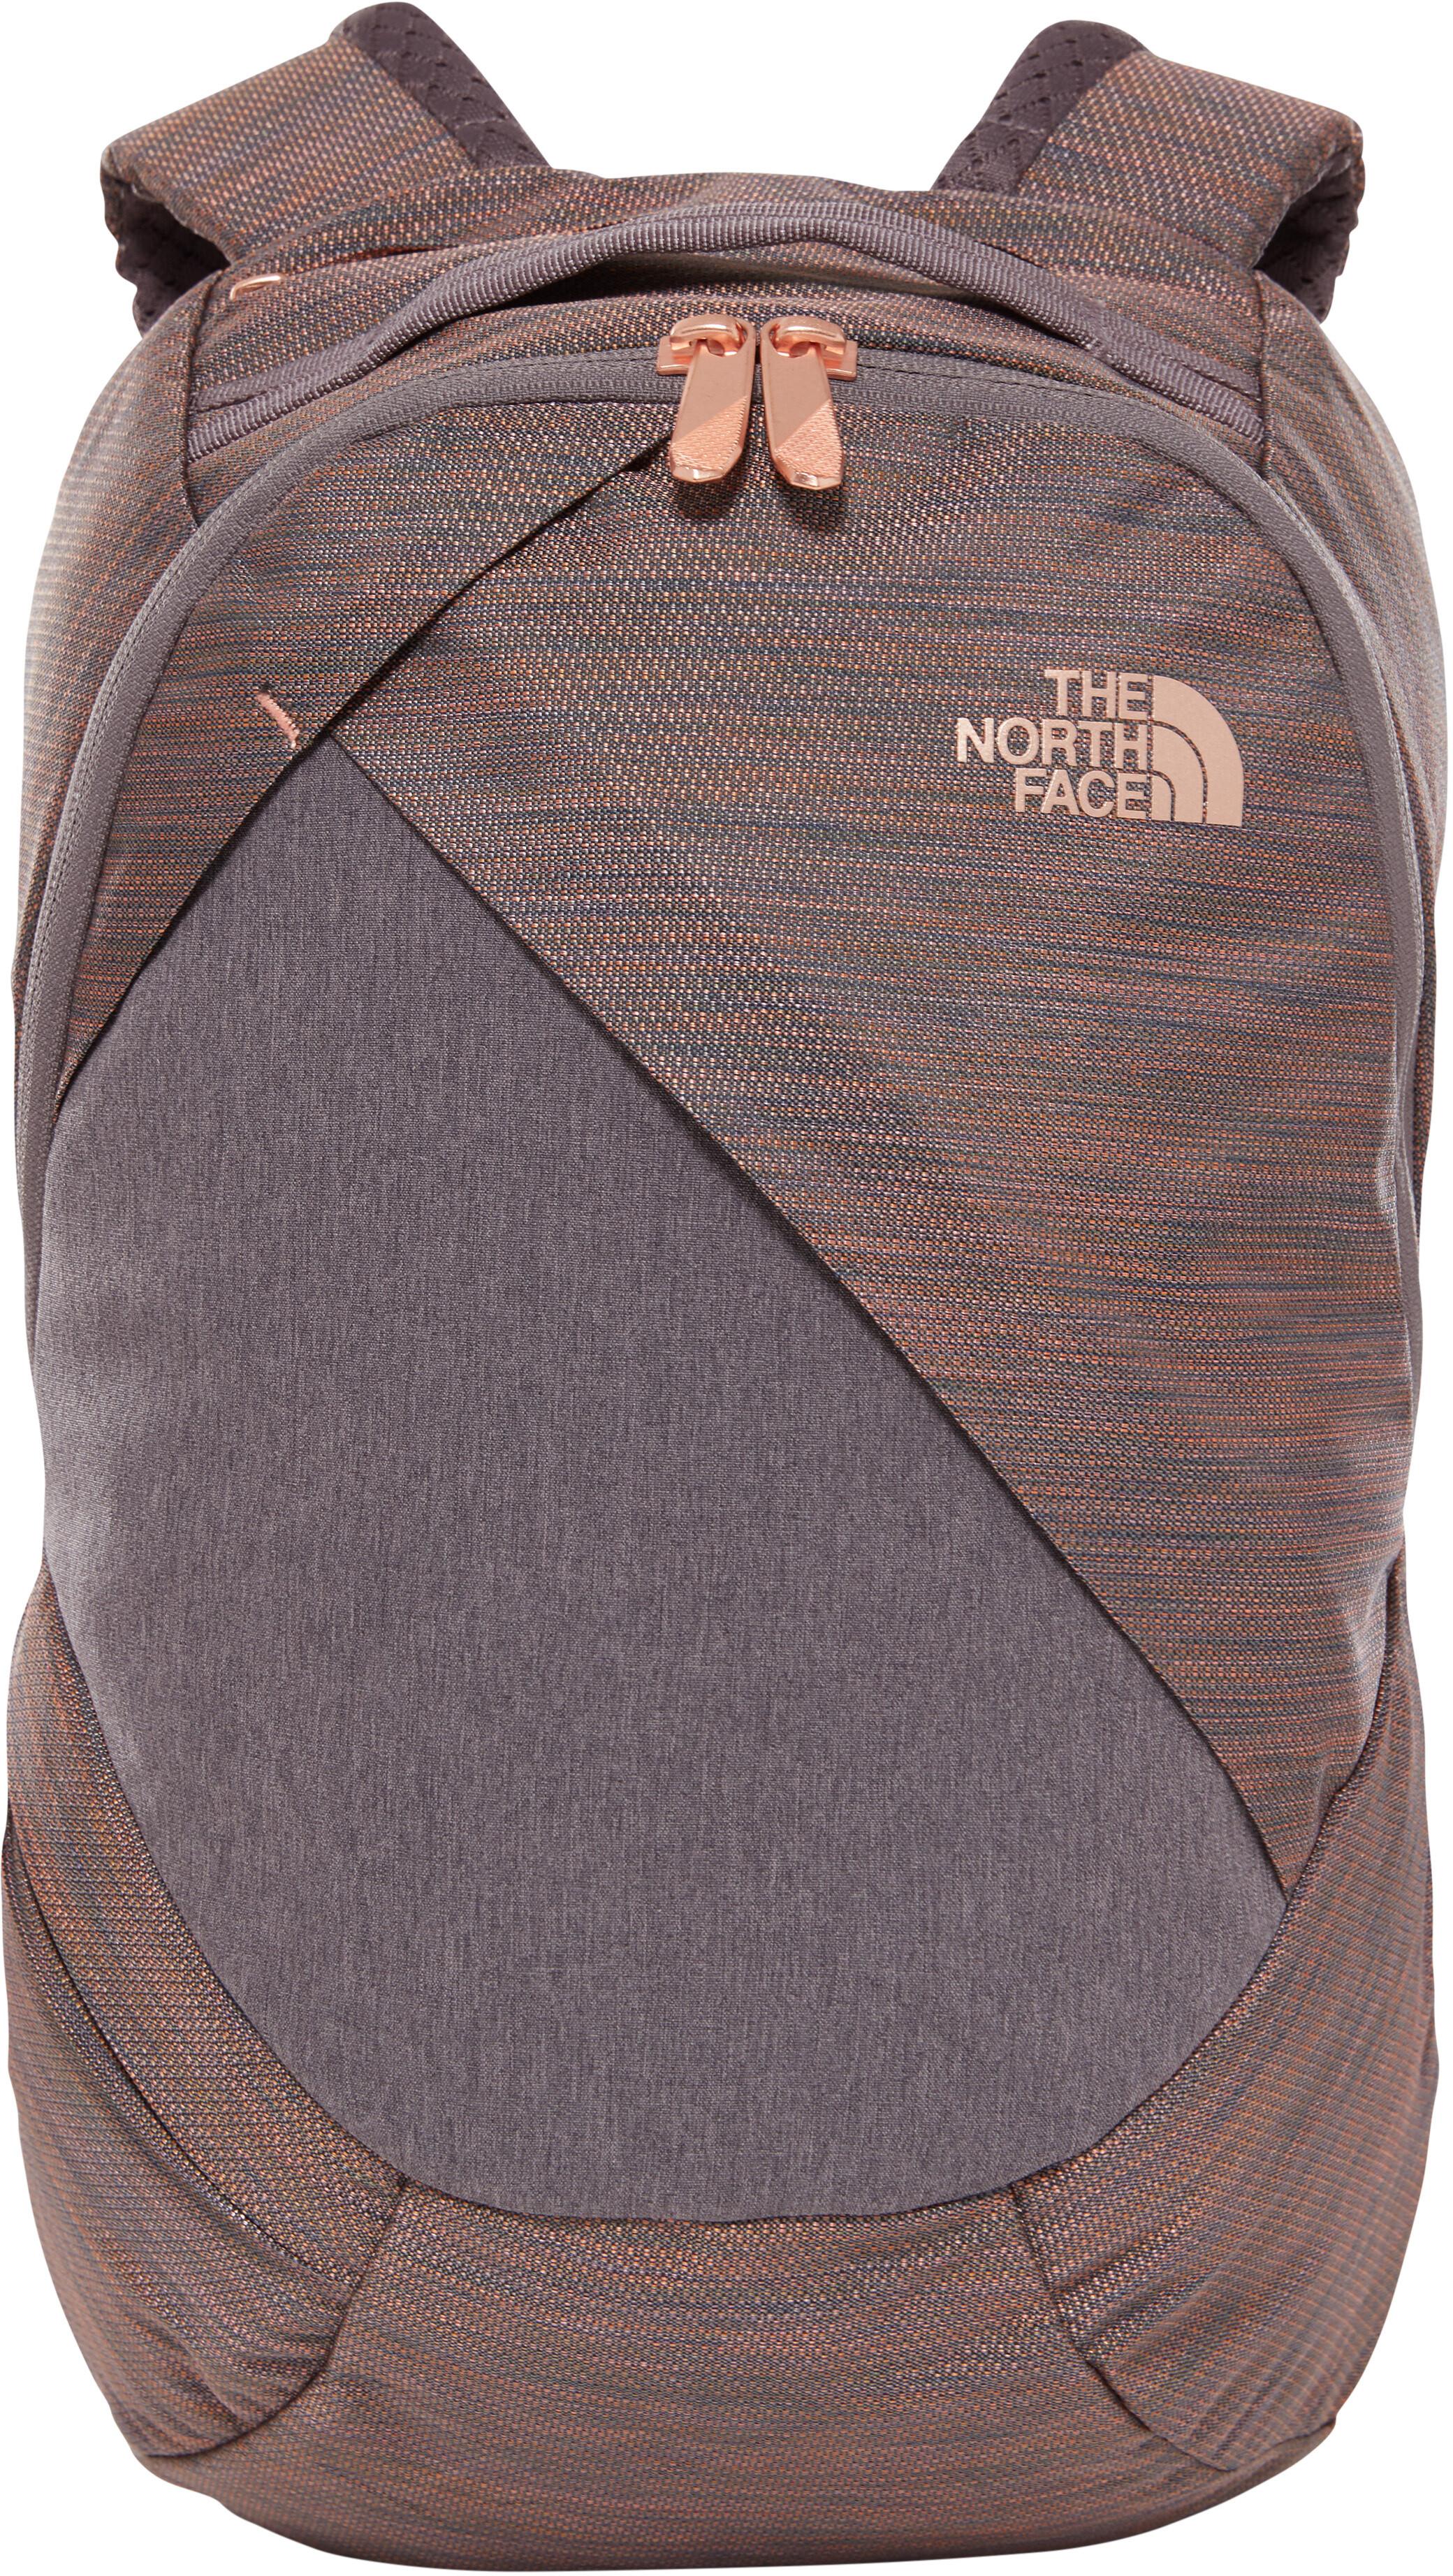 The North Face Electra Ryggsäck Dam brun - till fenomenalt pris på ... c8c15587bb28a